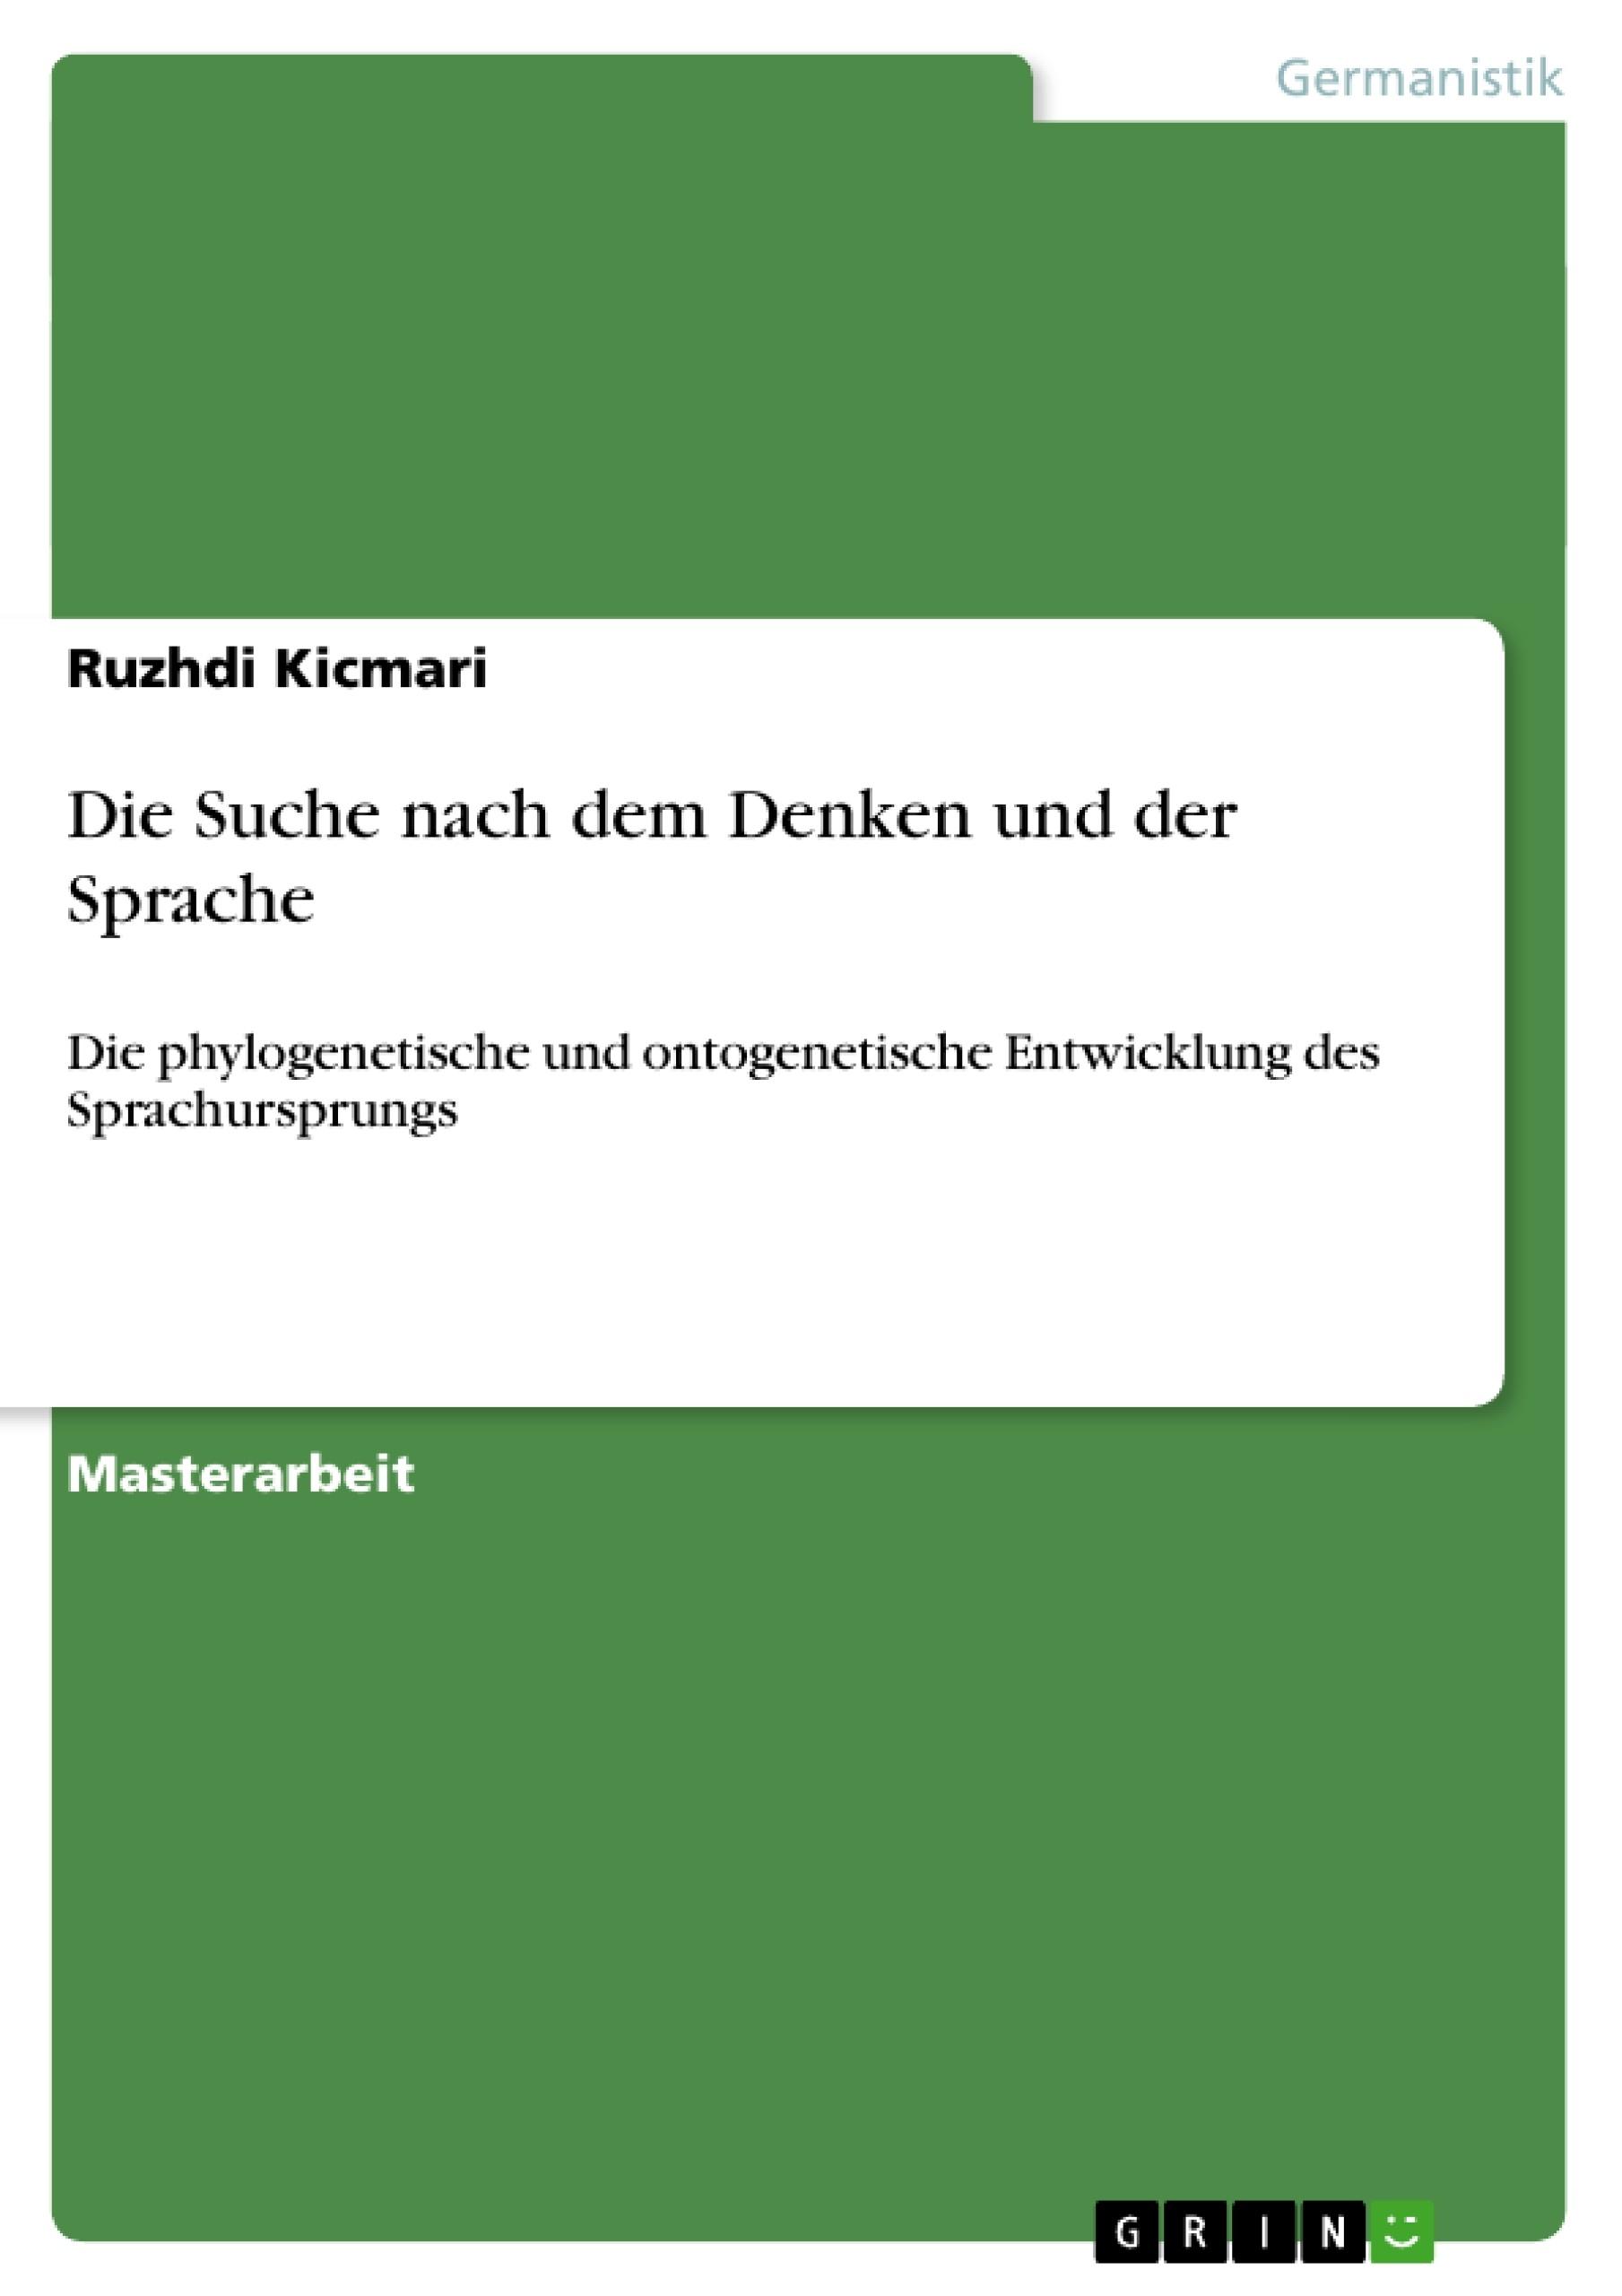 Titel: Die Suche nach dem Denken und der Sprache